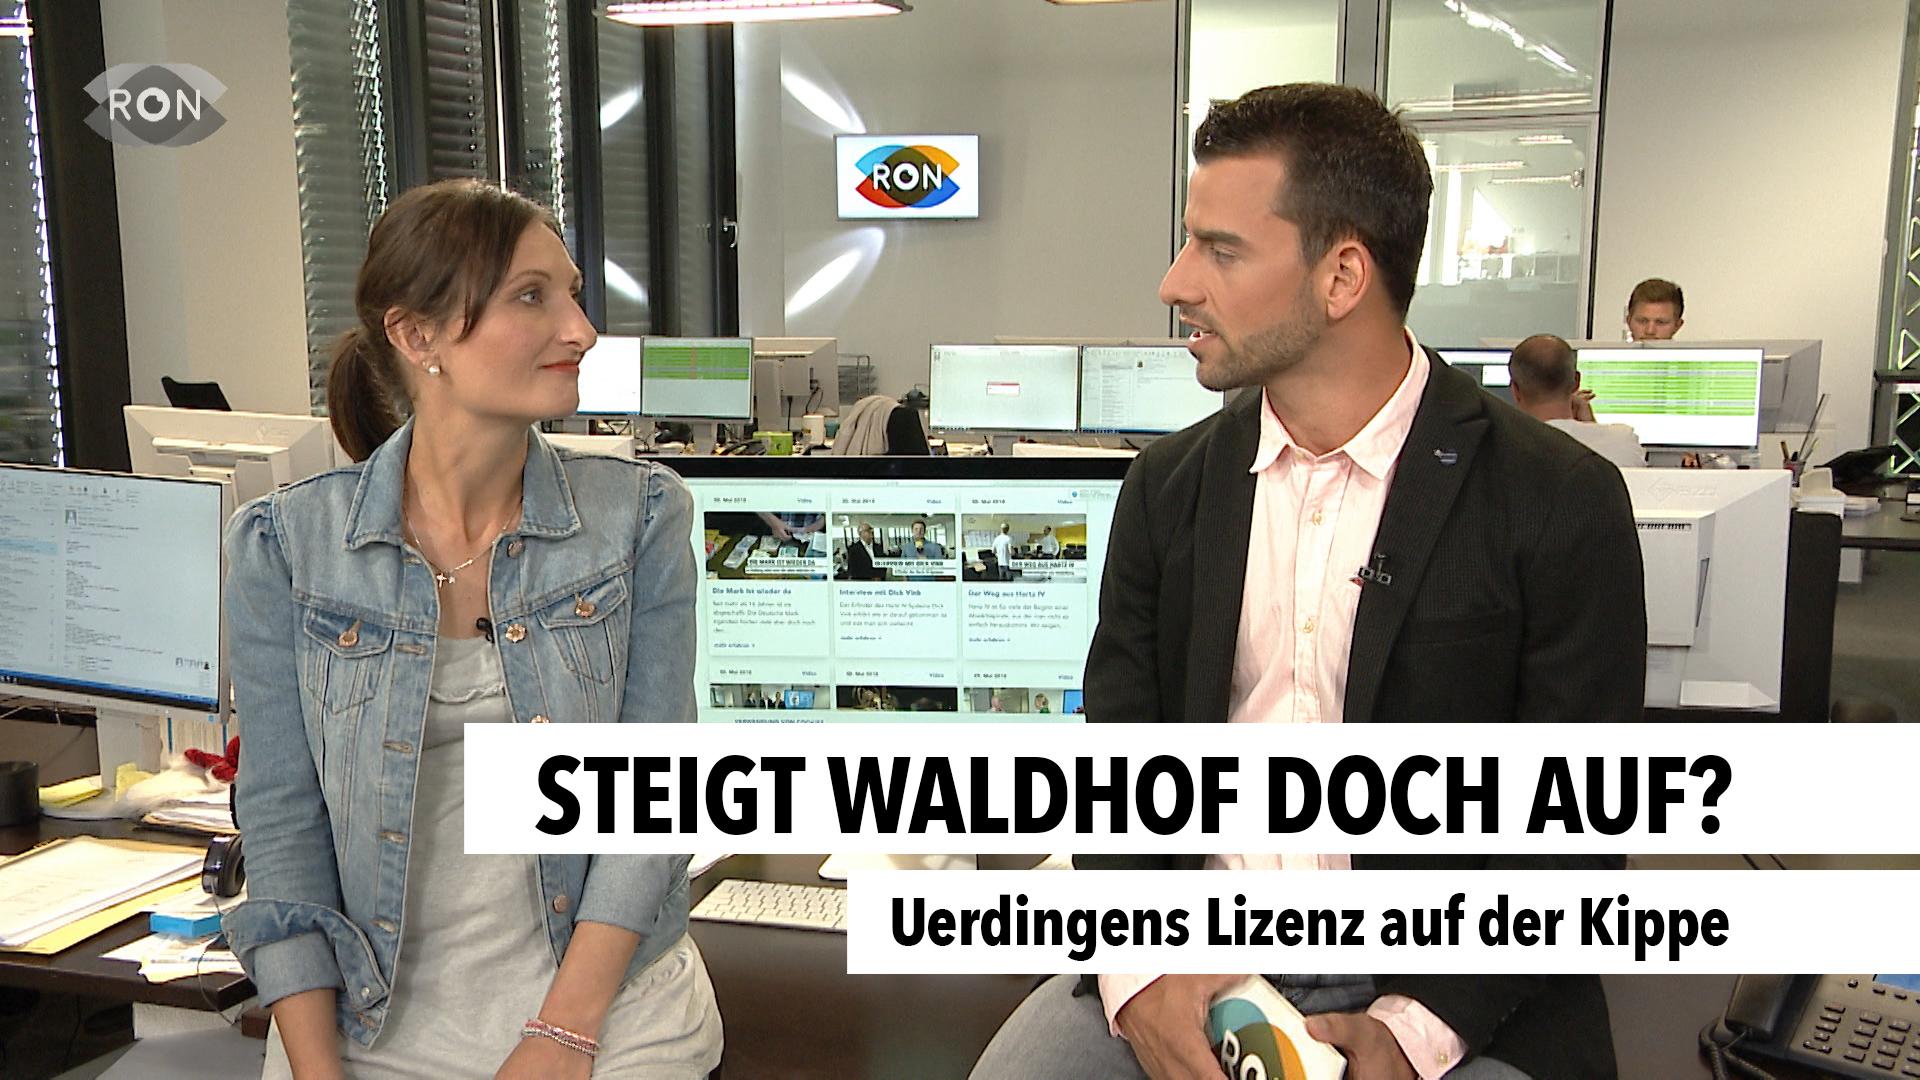 Steigt Waldhof doch auf? - RON TV